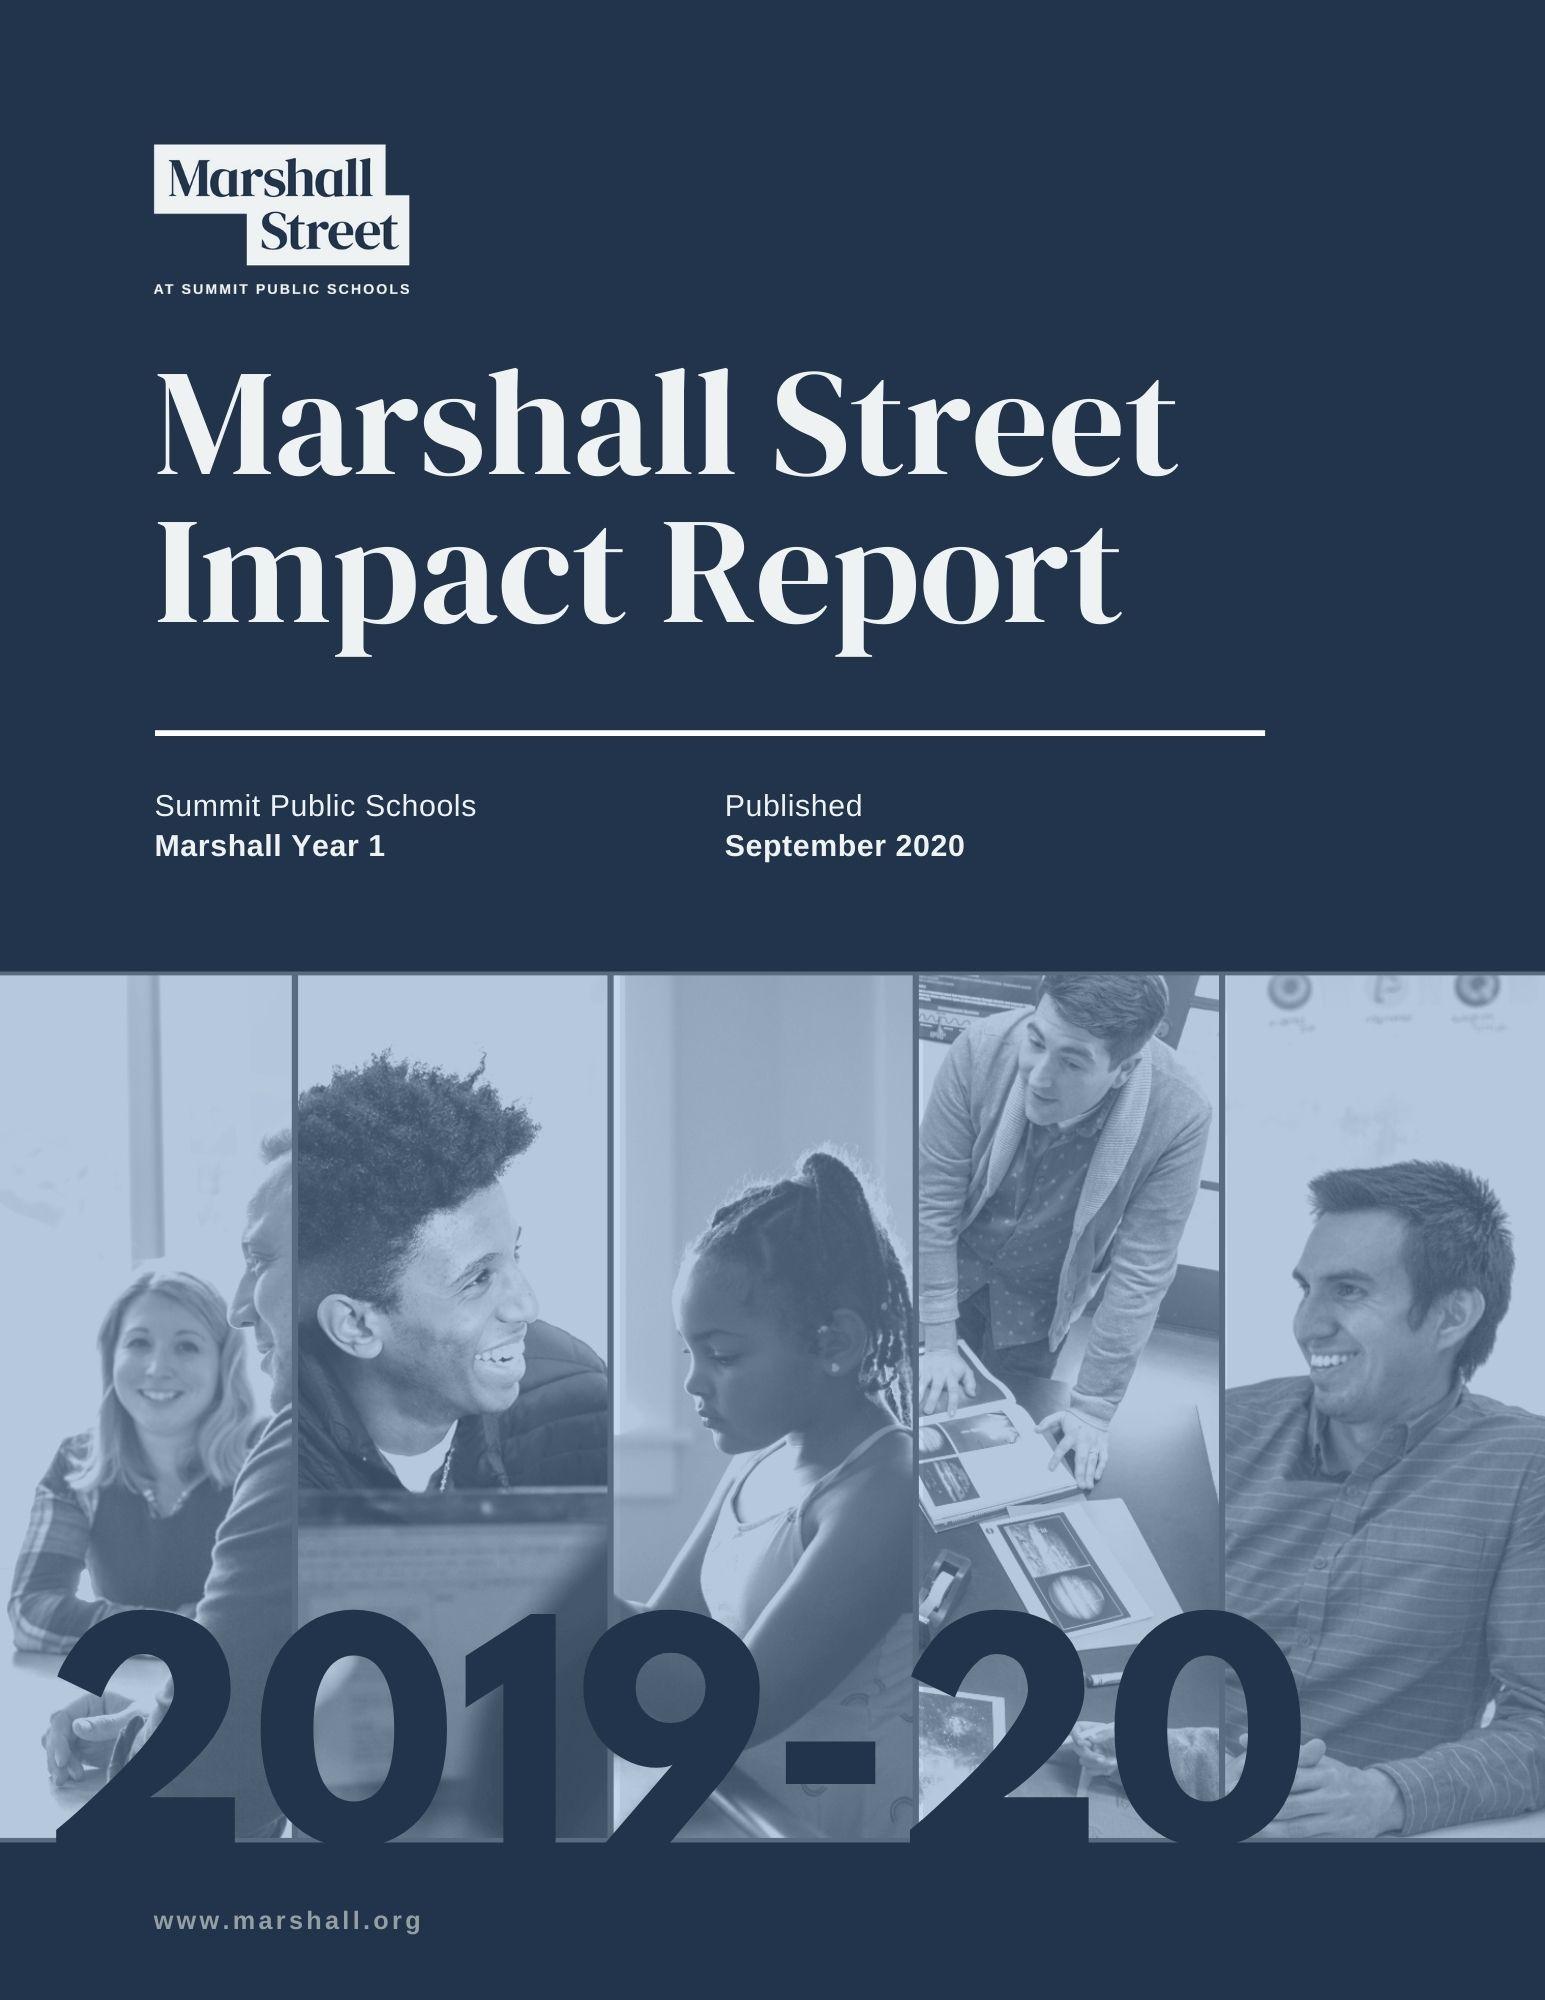 Marshall Street Impact Report: Year 1